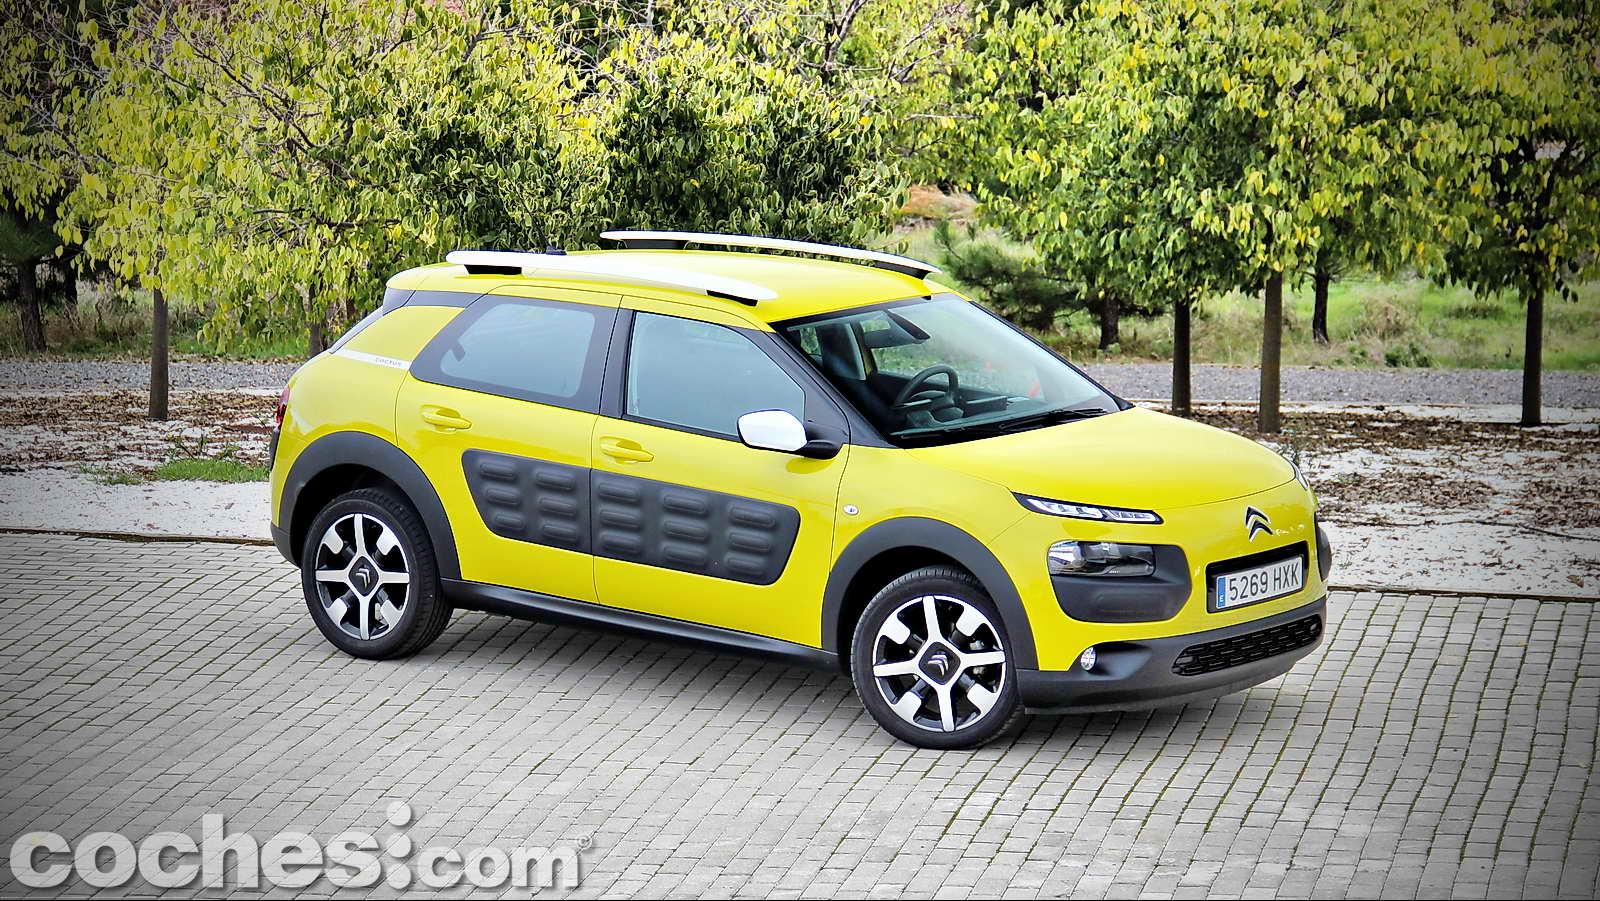 Citroën_C4_Cactus_01